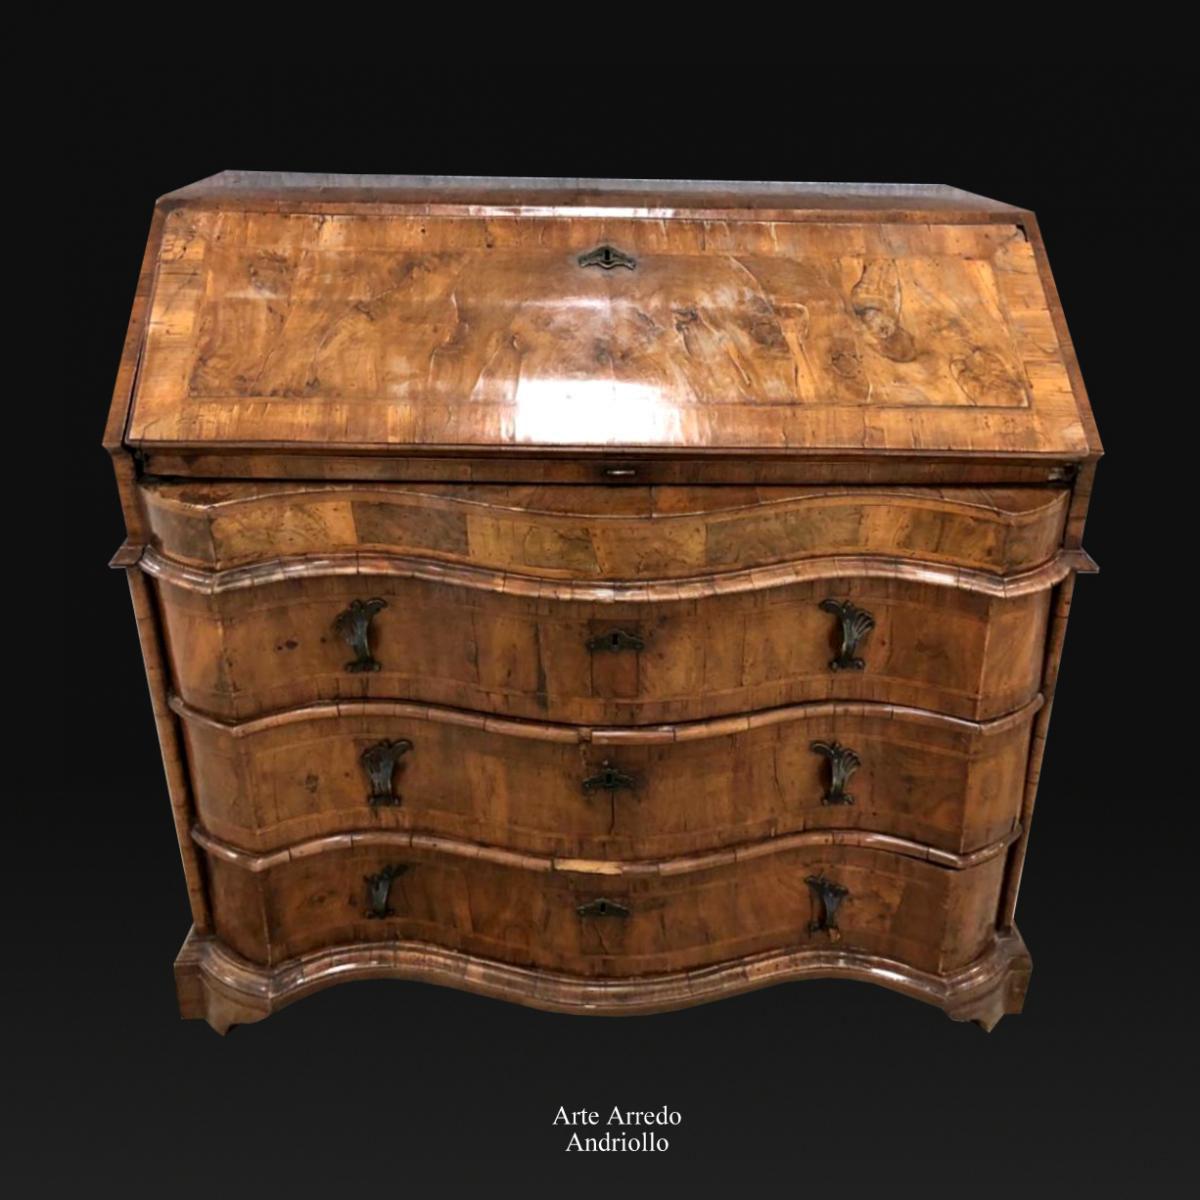 I nostri mobili gli stili arte arredo andriollo for Stili dei mobili